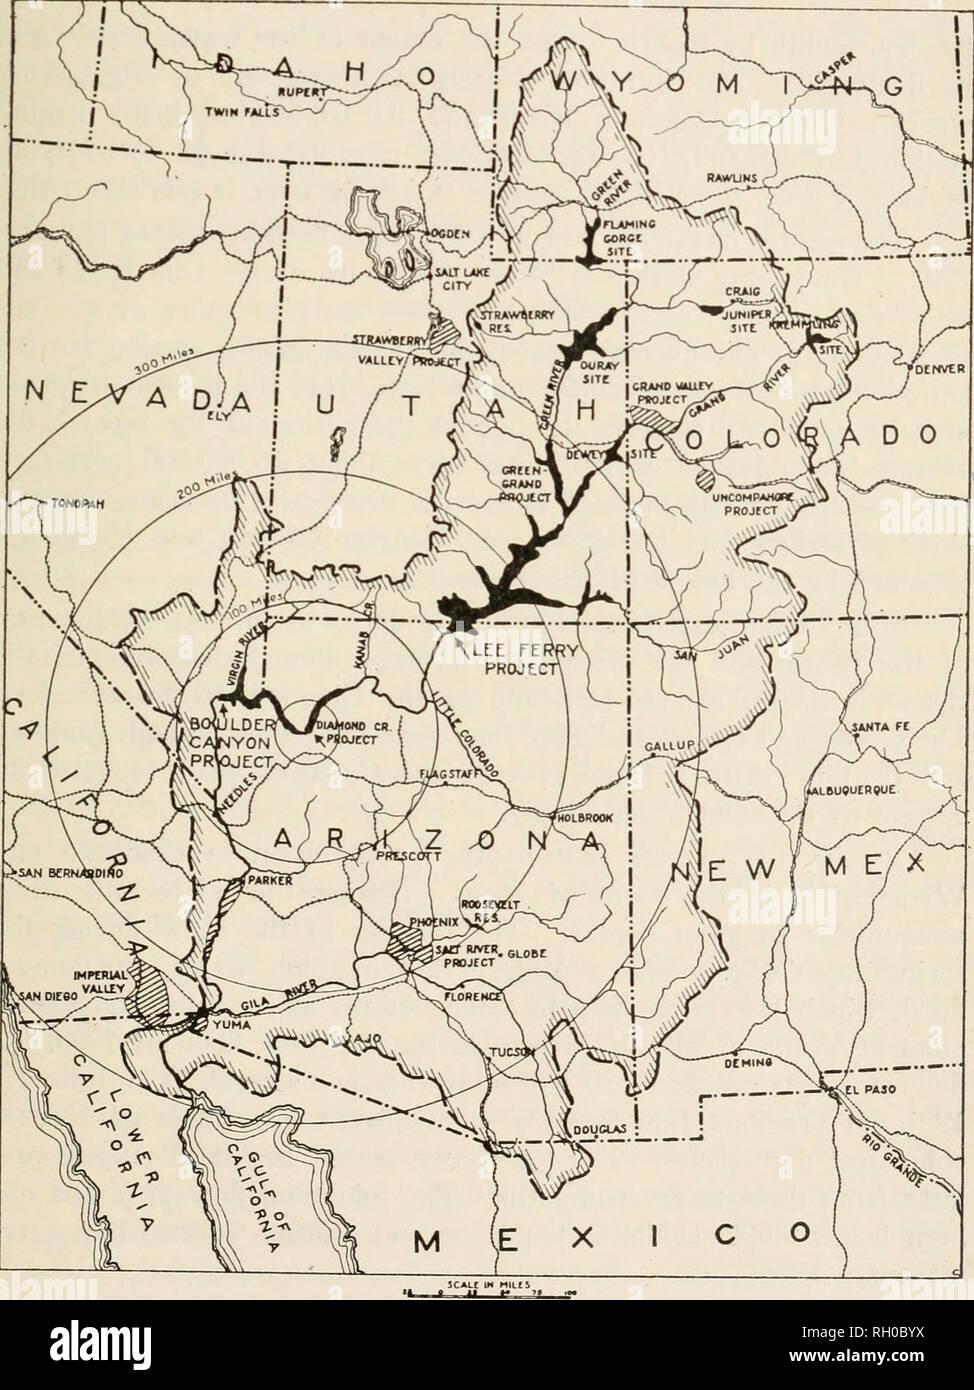 Map Of Colorado River In Arizona.Bulletin Agriculture Agriculture Arizona The Colorado River